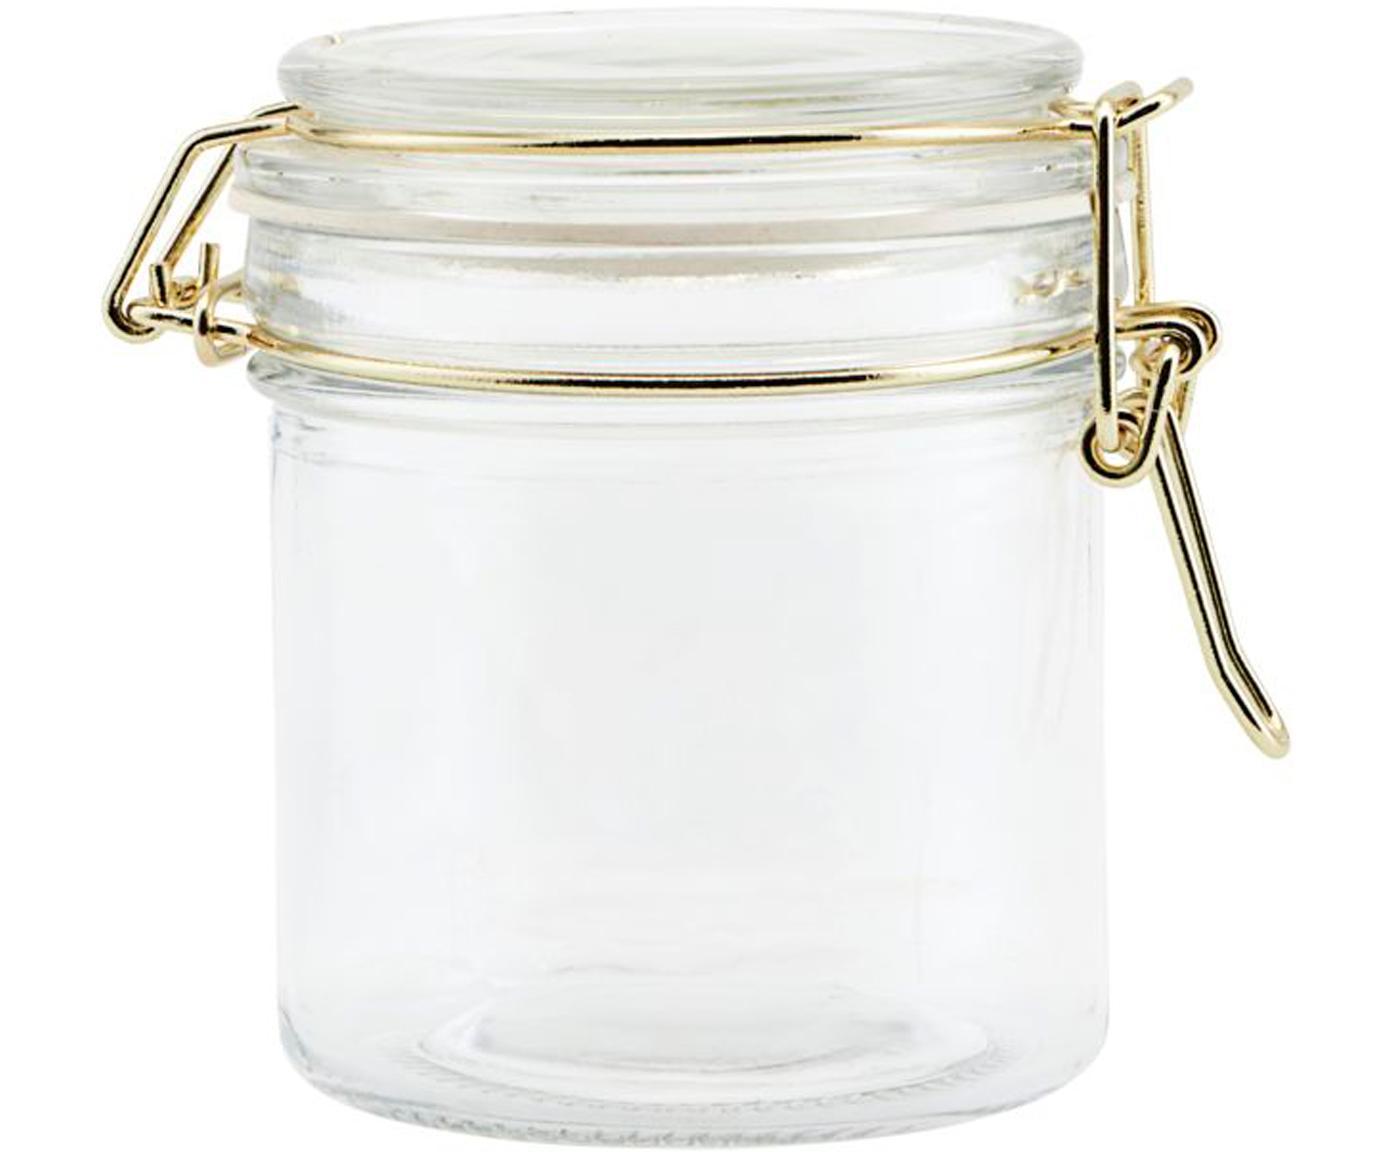 Aufbewahrungsdose Vario mit goldenen Applikationen, Dose: Glas, Verschluss: Edelstahl, beschichtet, Transparent, Messingfarben, Ø 8 x H 10 cm